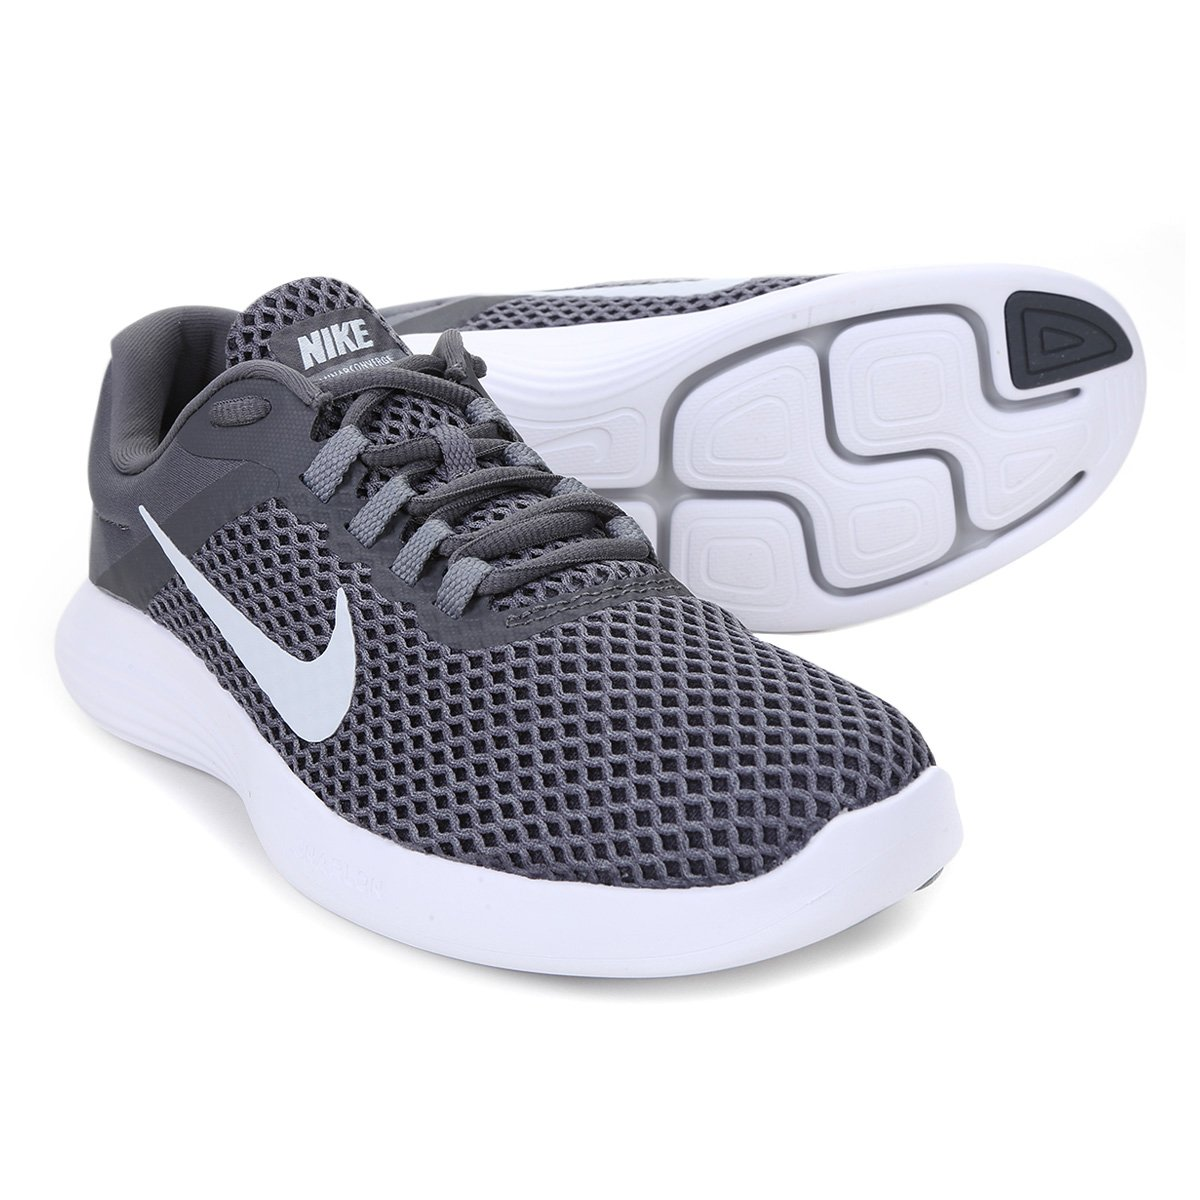 5662686c0f Tênis Nike Lunarconverge 2 Masculino - Cinza e Prata | Shop Timão